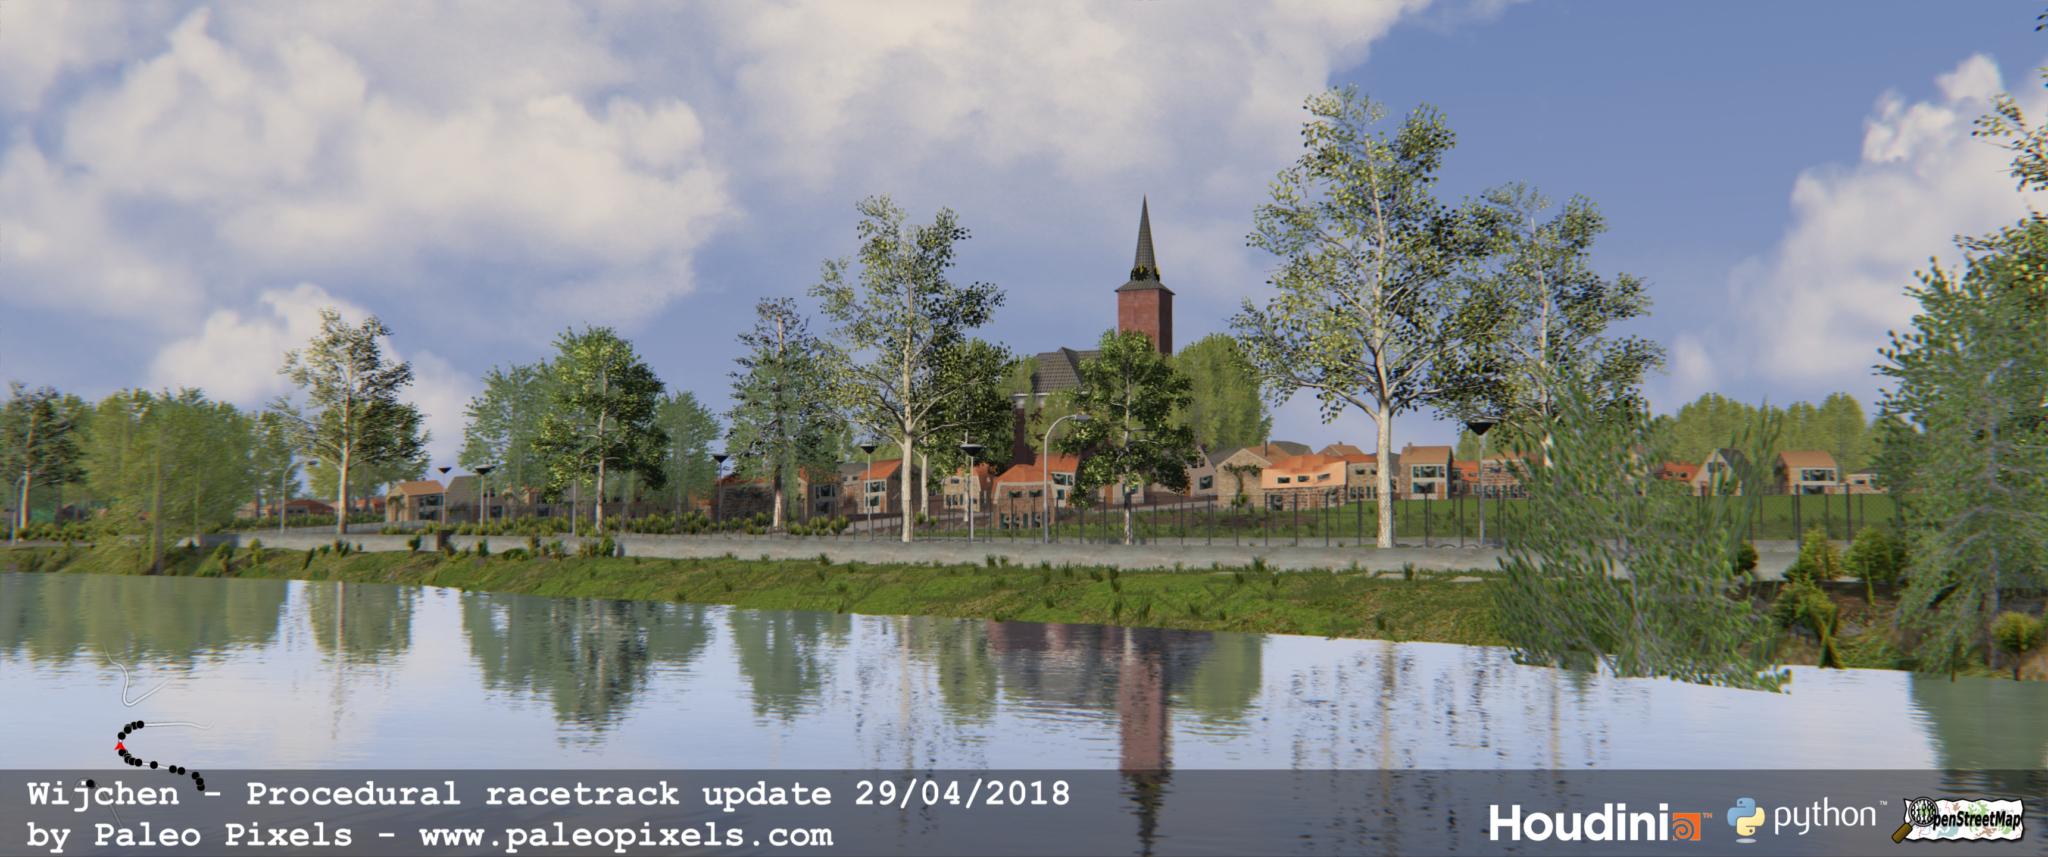 wijchenUpdate29042018_resize0007.jpg